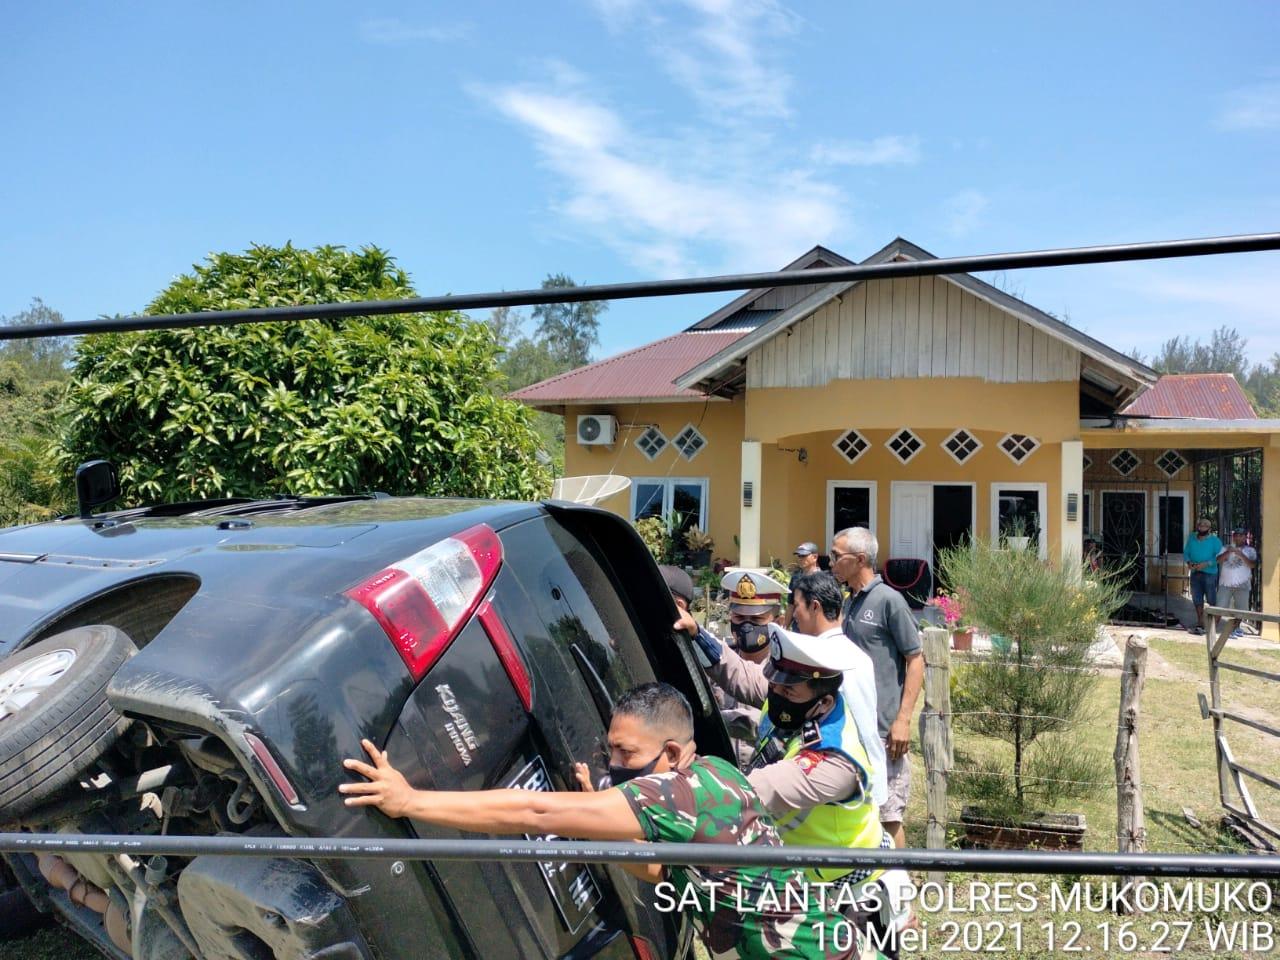 Laka Tunggal di Jalinbar Mukomuko, TNI-Polri dan Warga Bahu-Membahu Evakuasi Inova